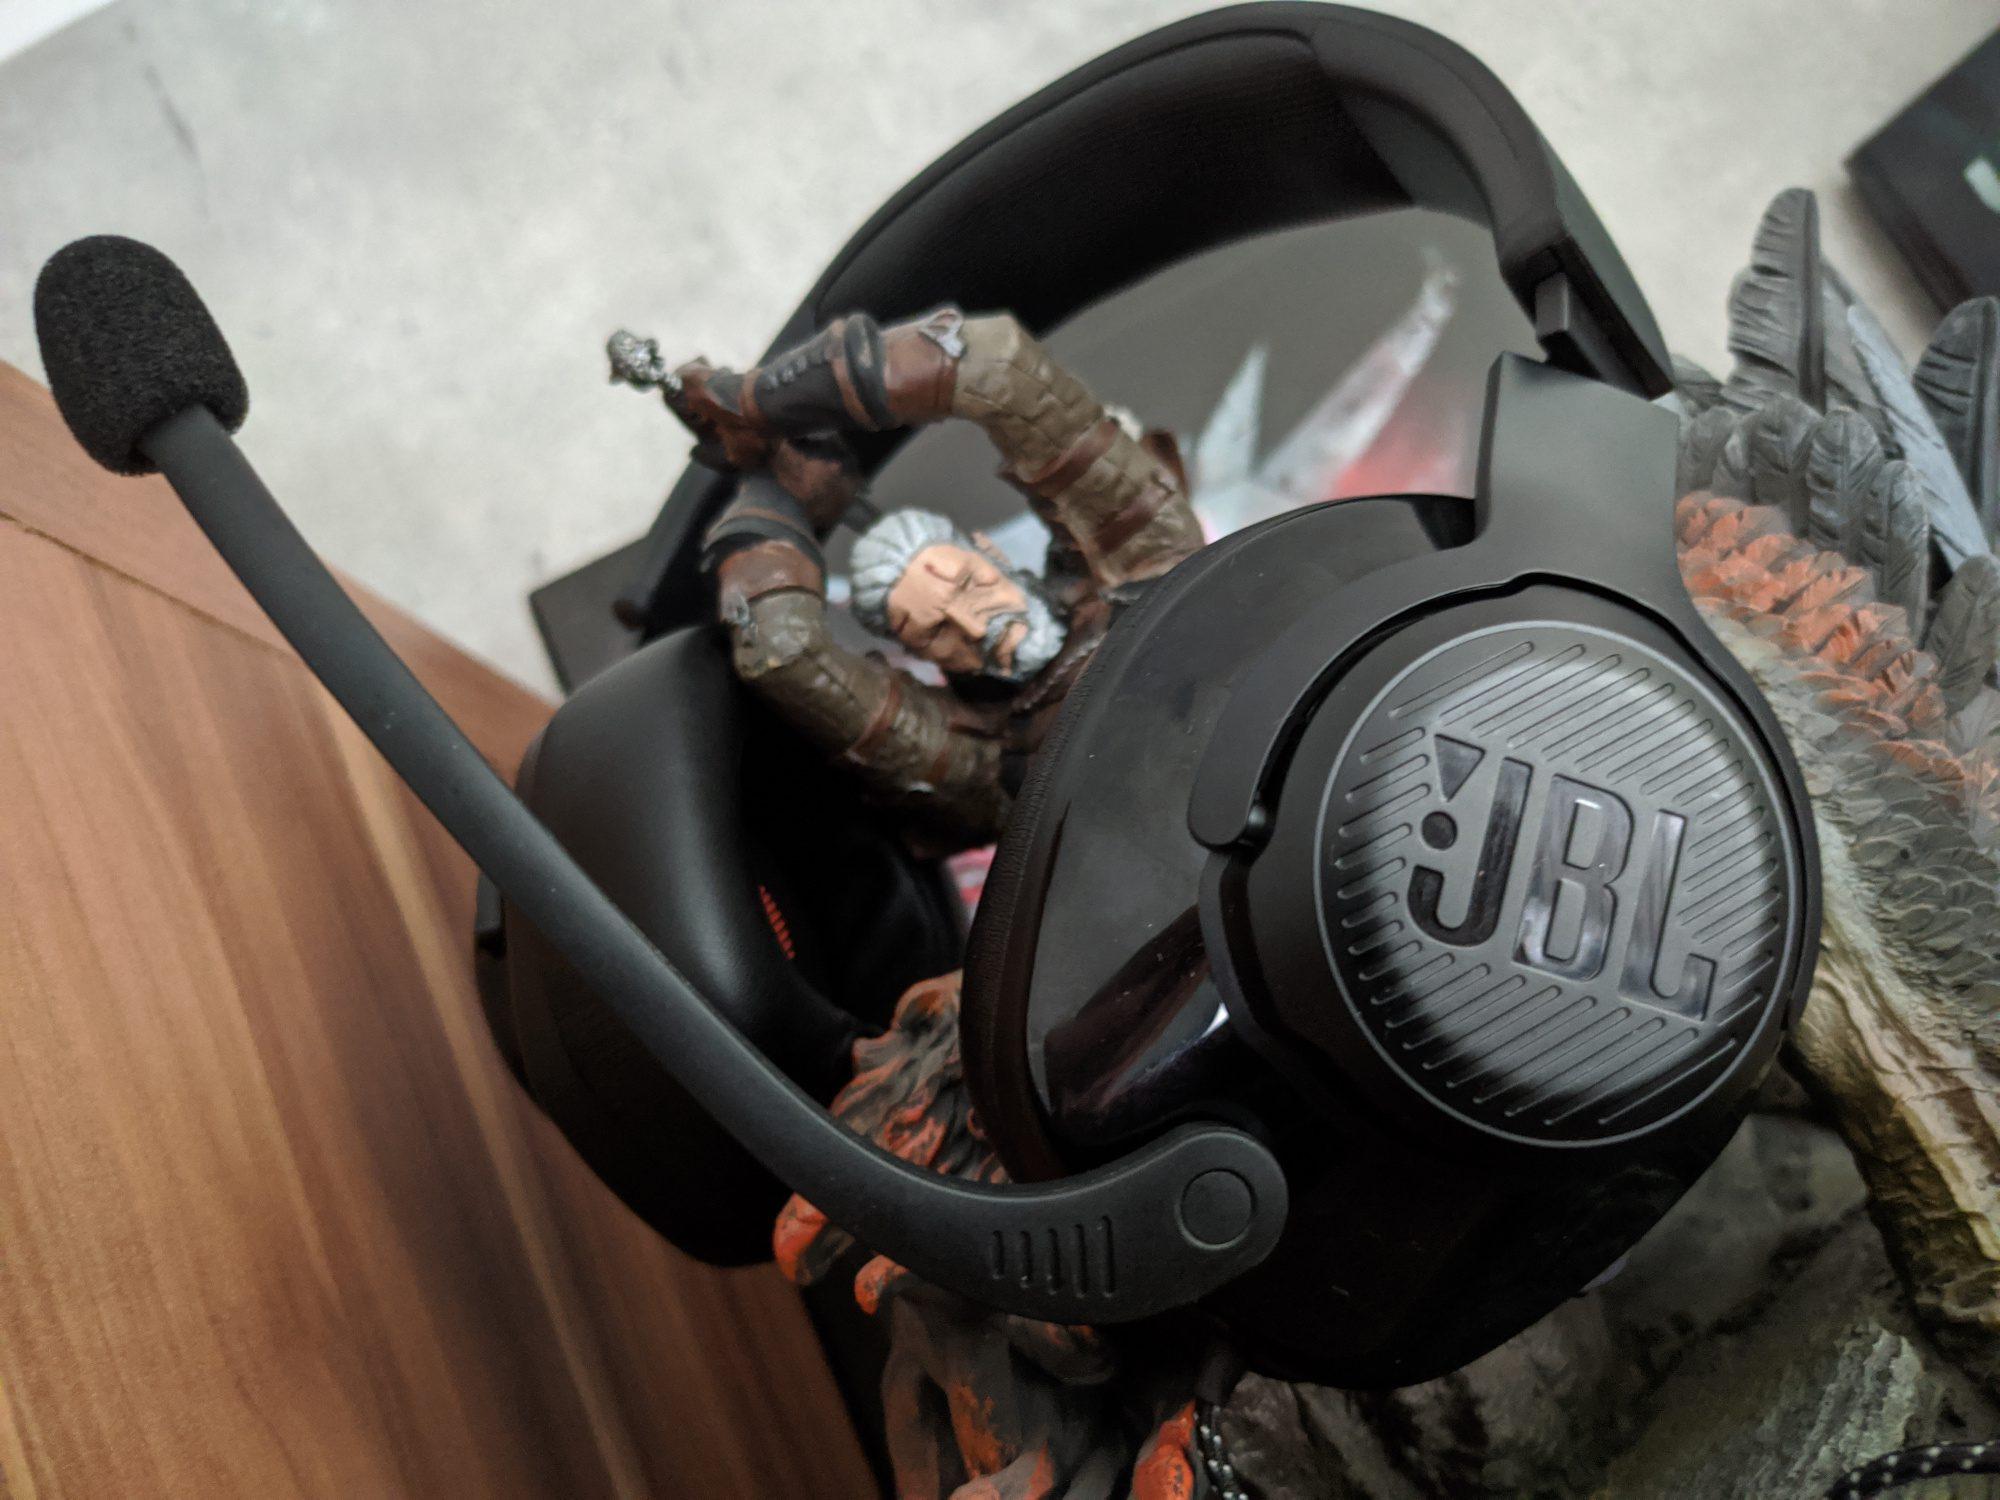 Recenzja słuchawek JBL Quantum 200 i 300 – Jest nieźle, ale mogło być lepiej